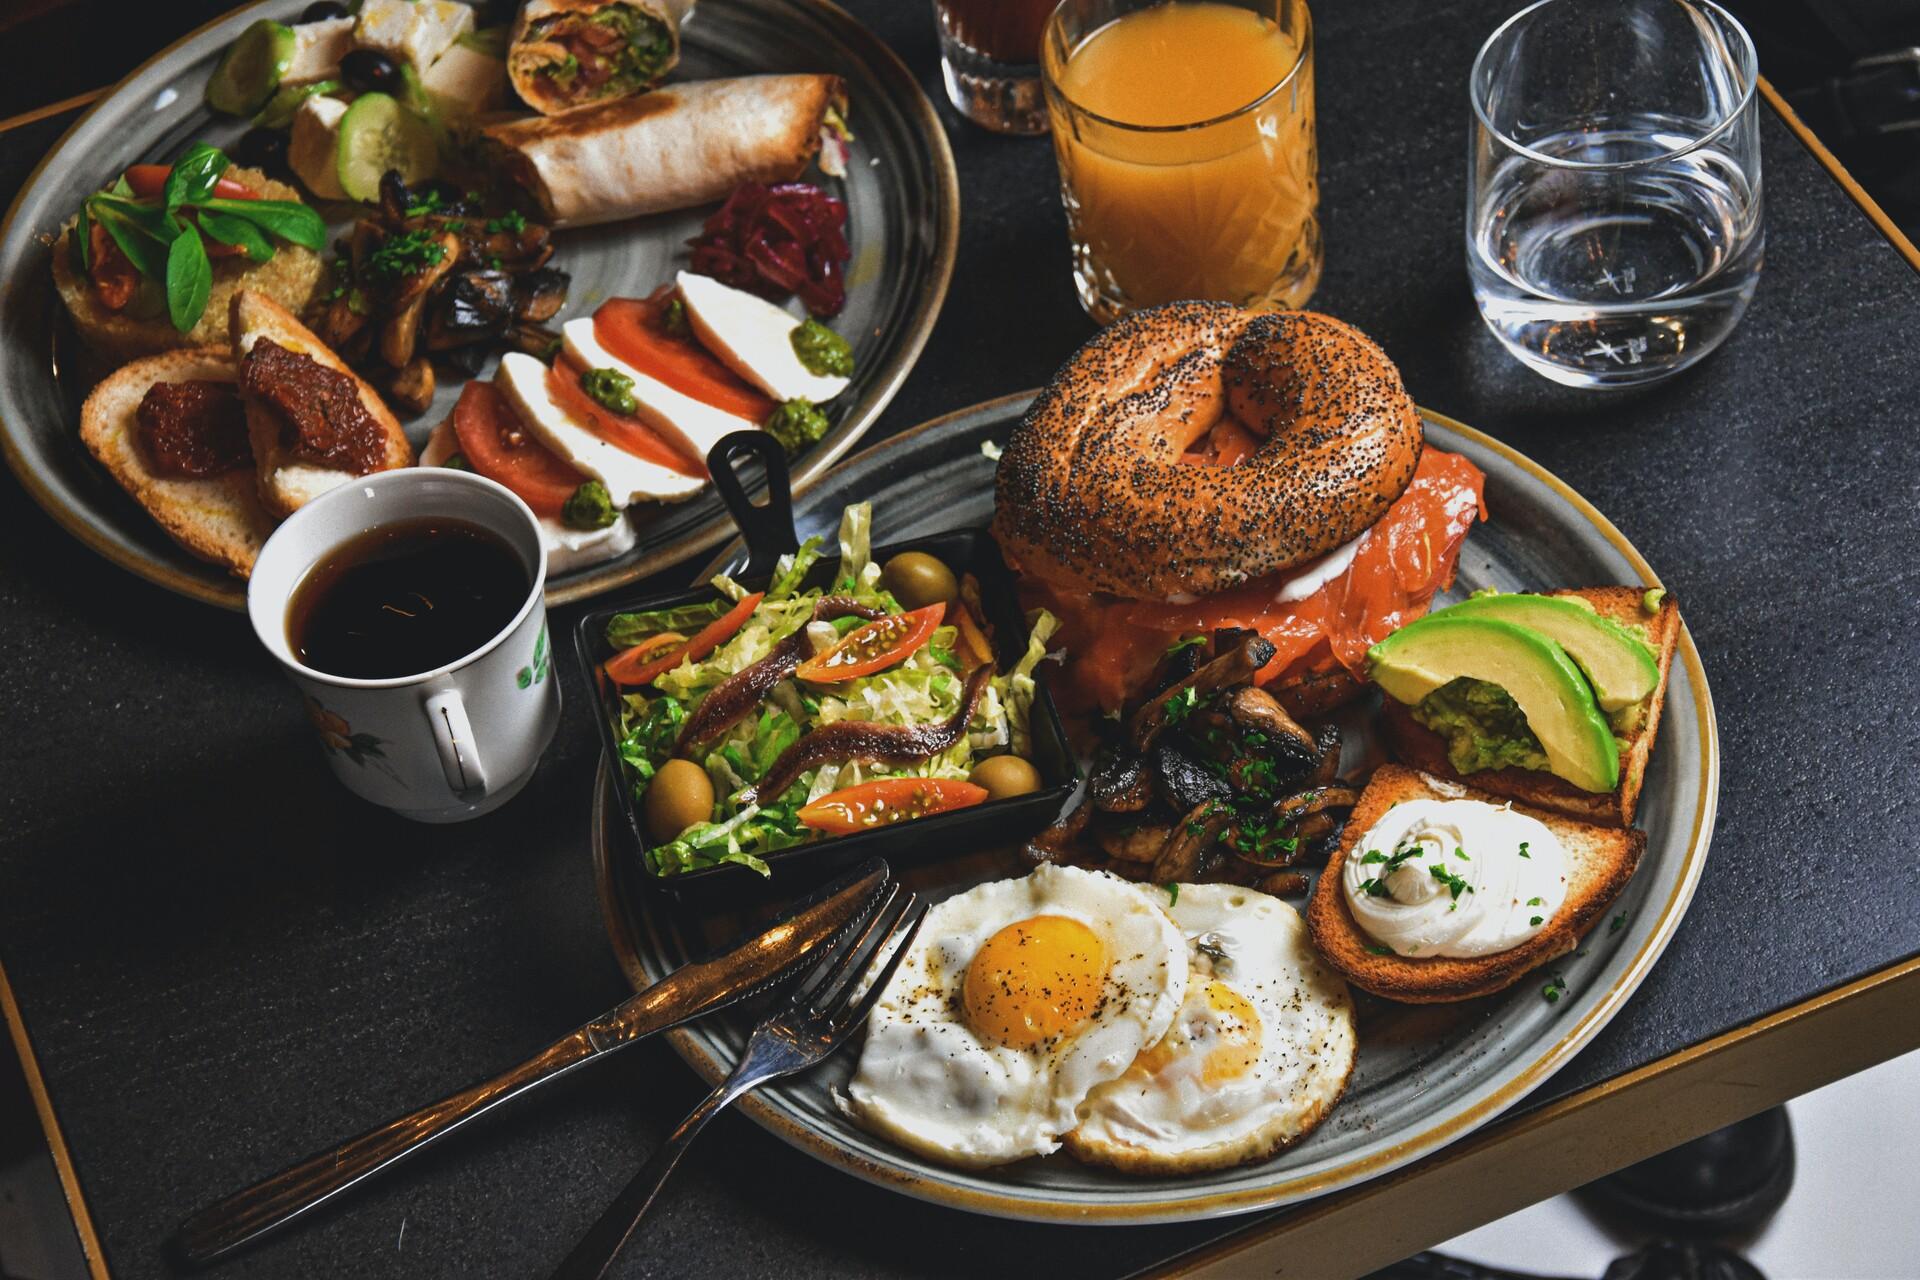 Dónde comer en Atenas - Mejores restaurantes de Atenas